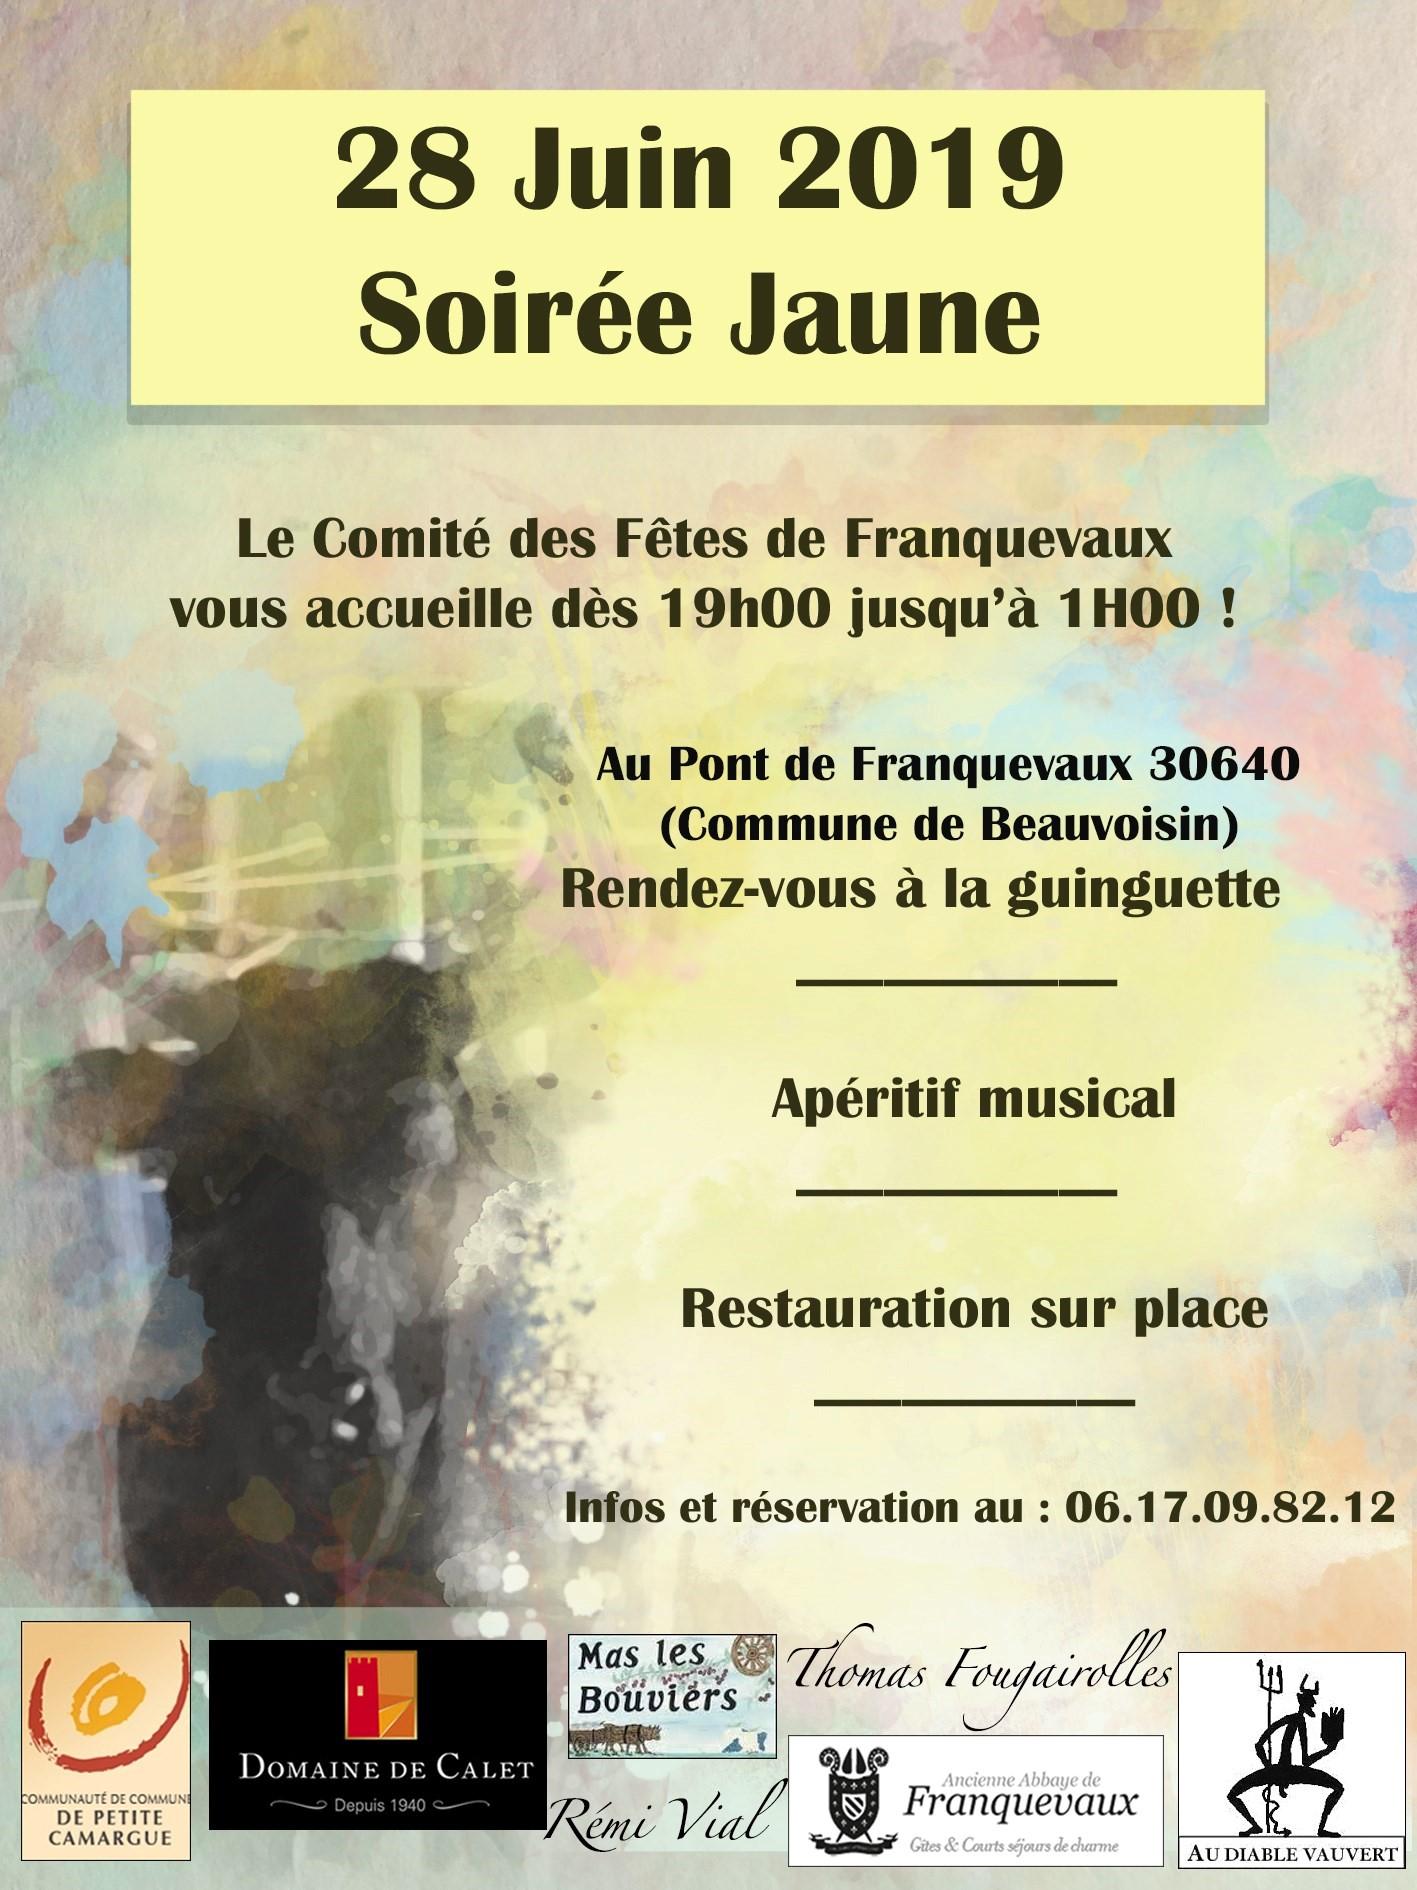 Soirée Jaune du CDF de Franquevaux @ Pont de Franquevaux, Guinguette